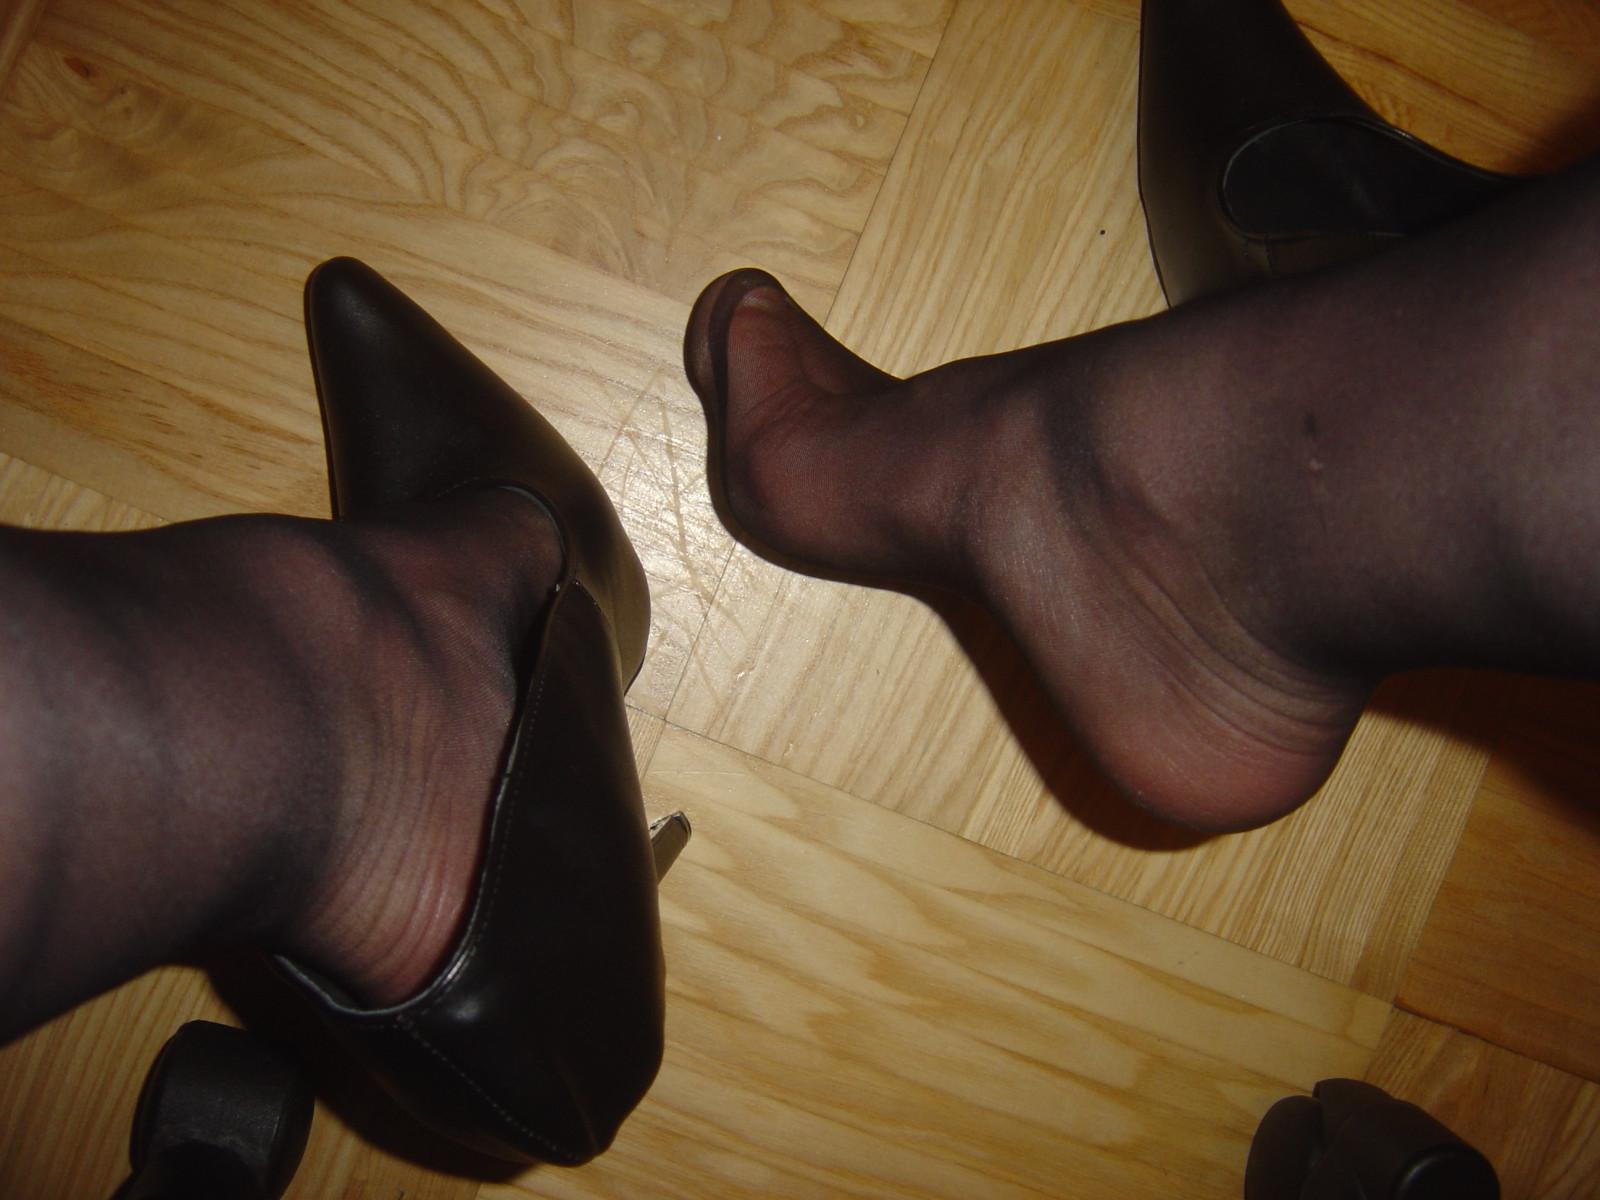 Wallpaper  Black, Stockings, Feet, Heels, Pumps, Toes -6606